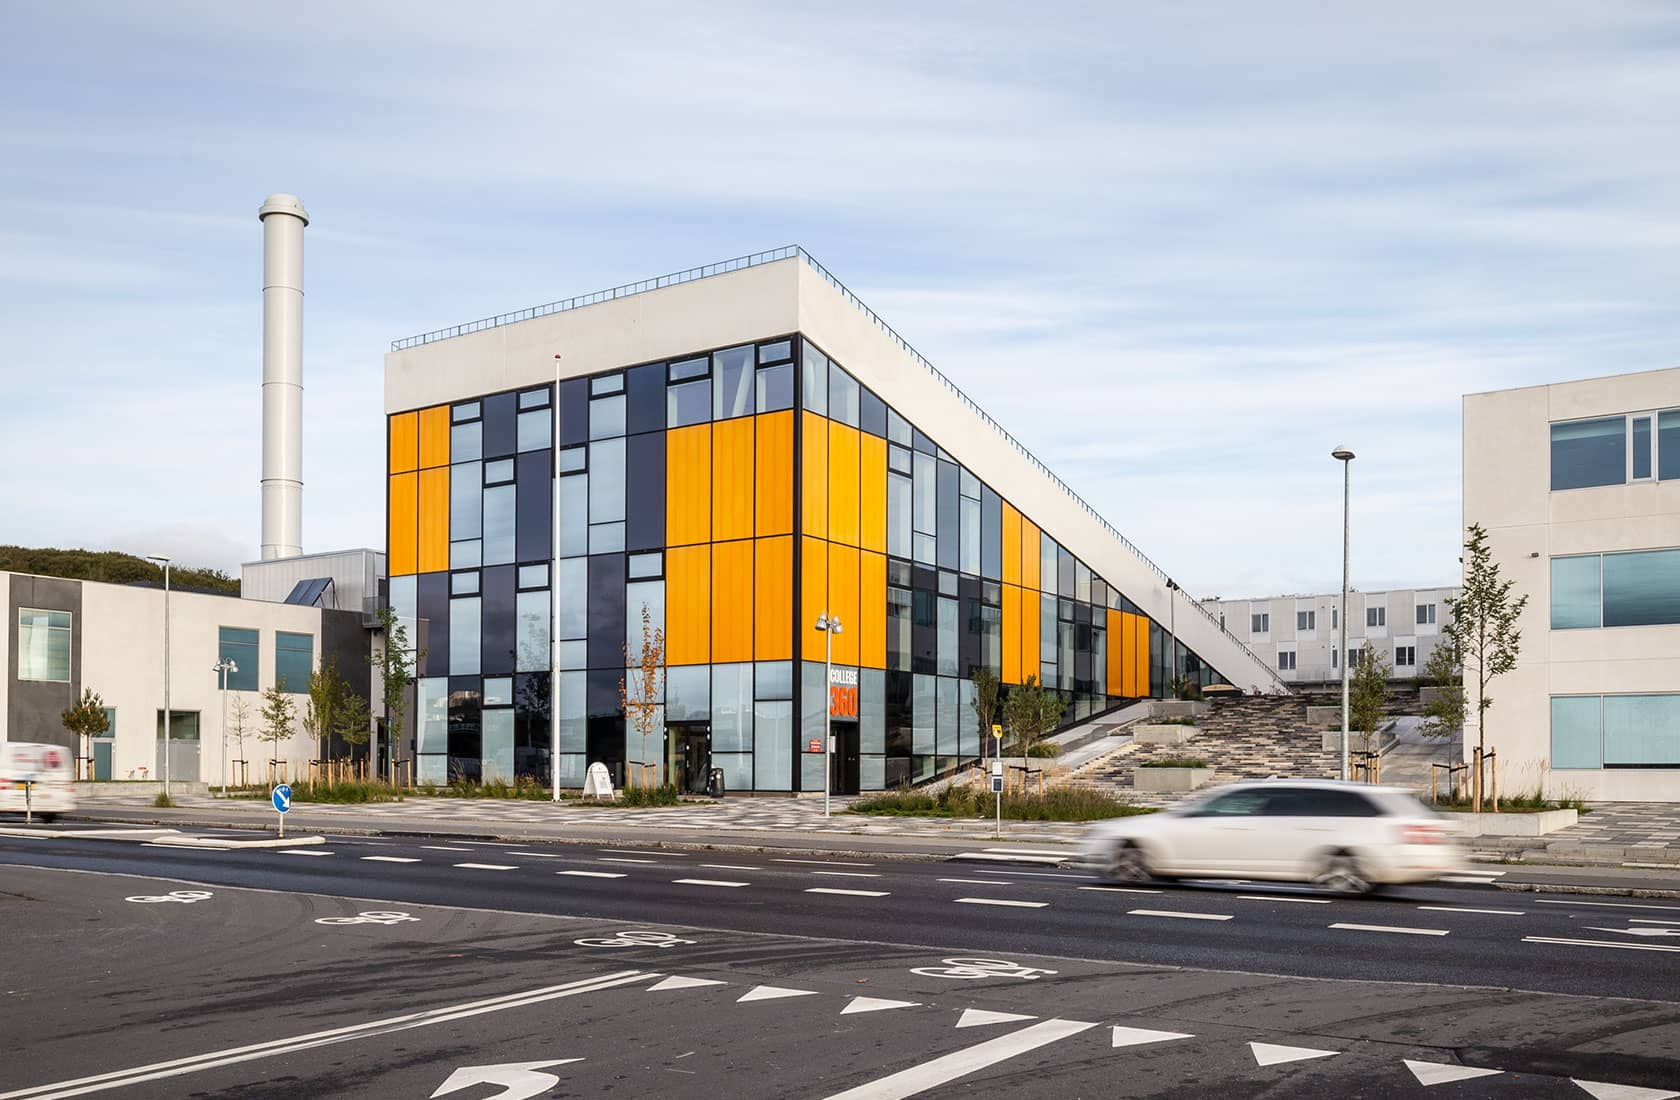 Bygning med udsigtspunkt, College360